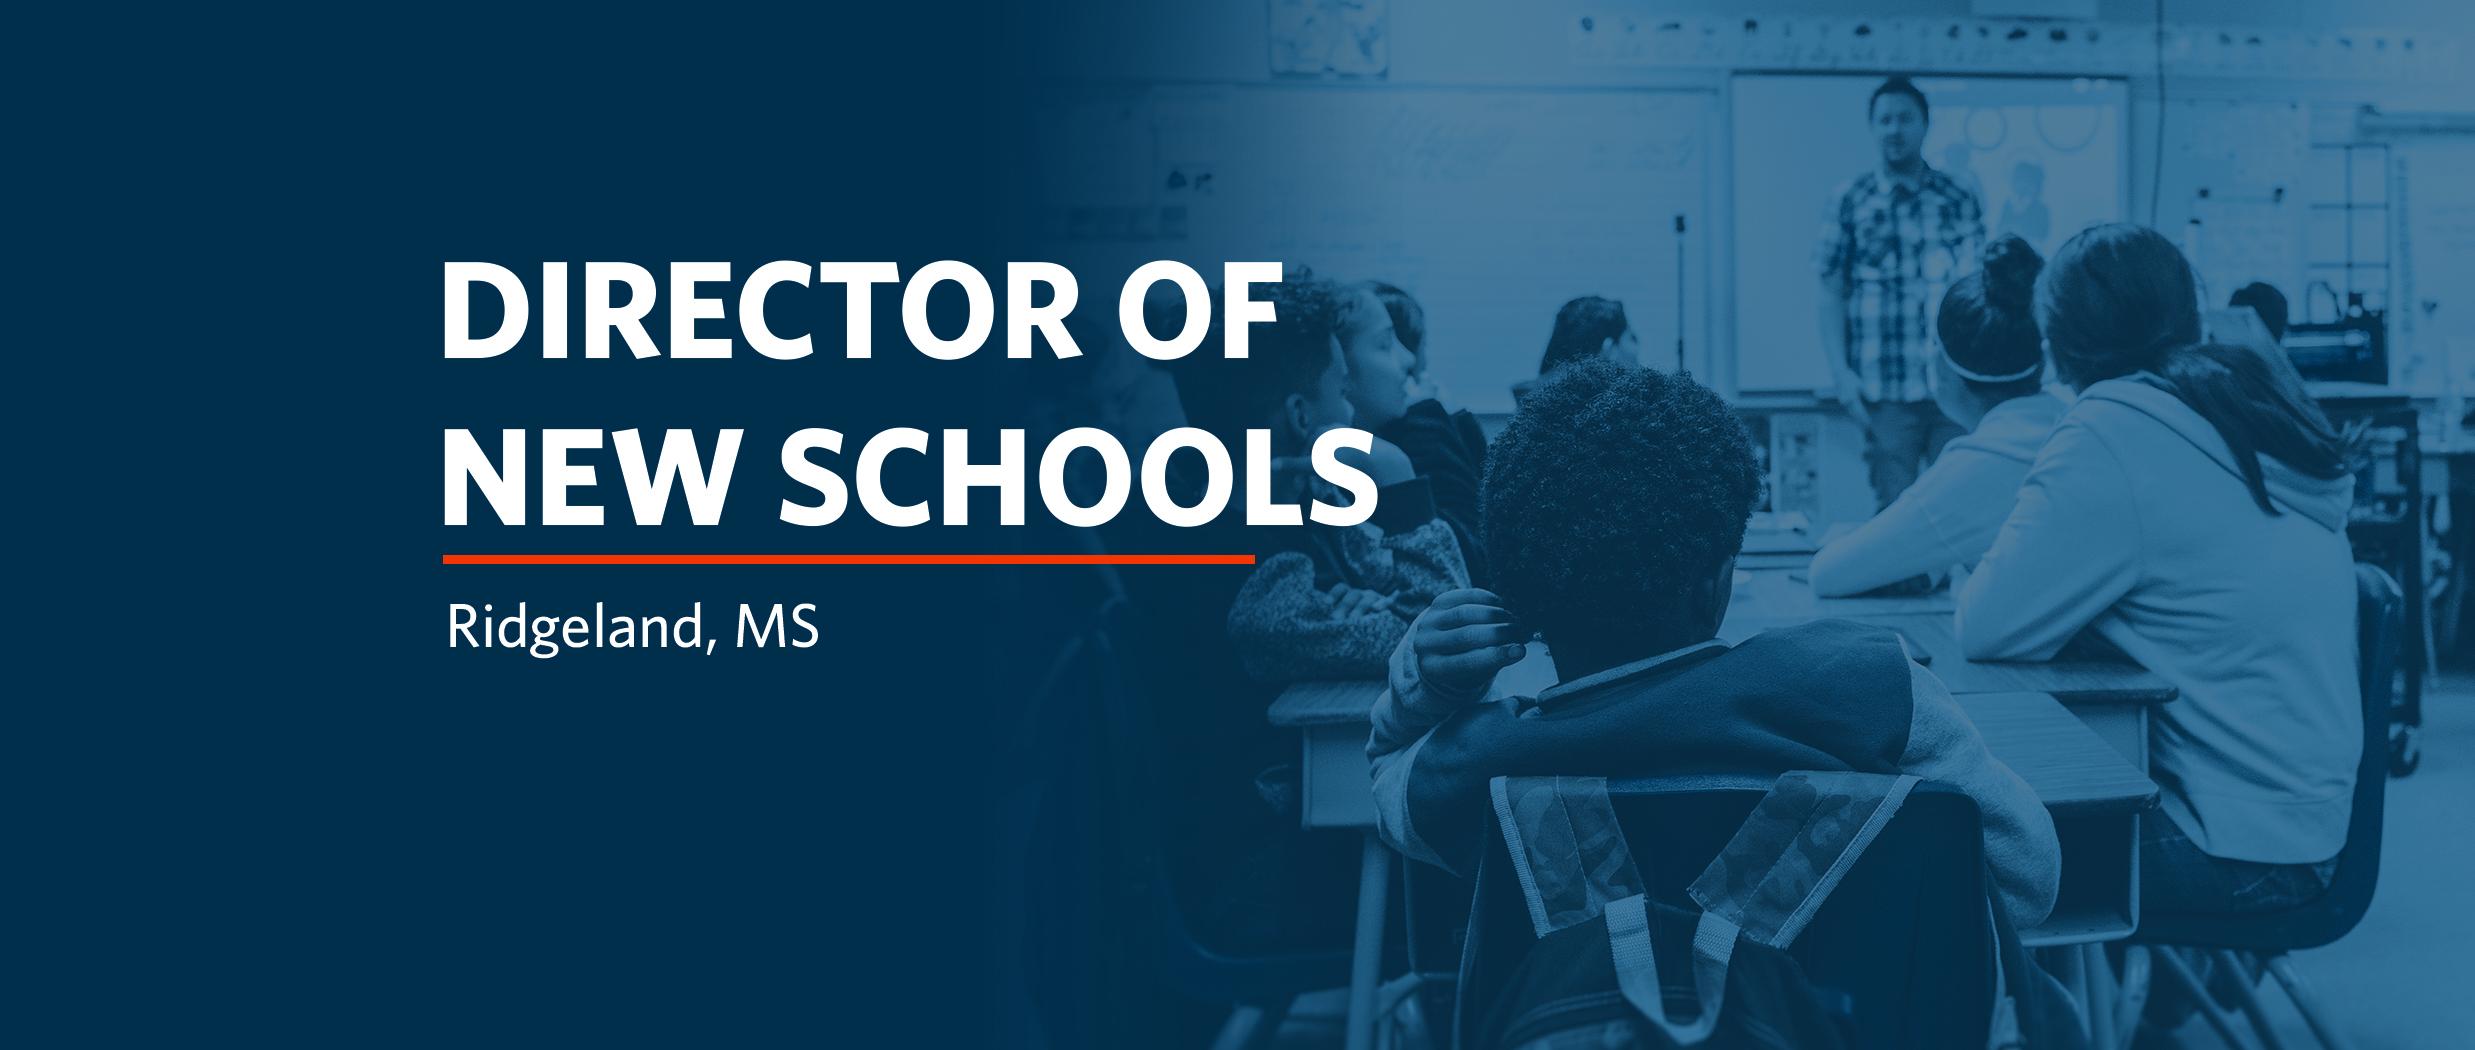 Director of New Schools social